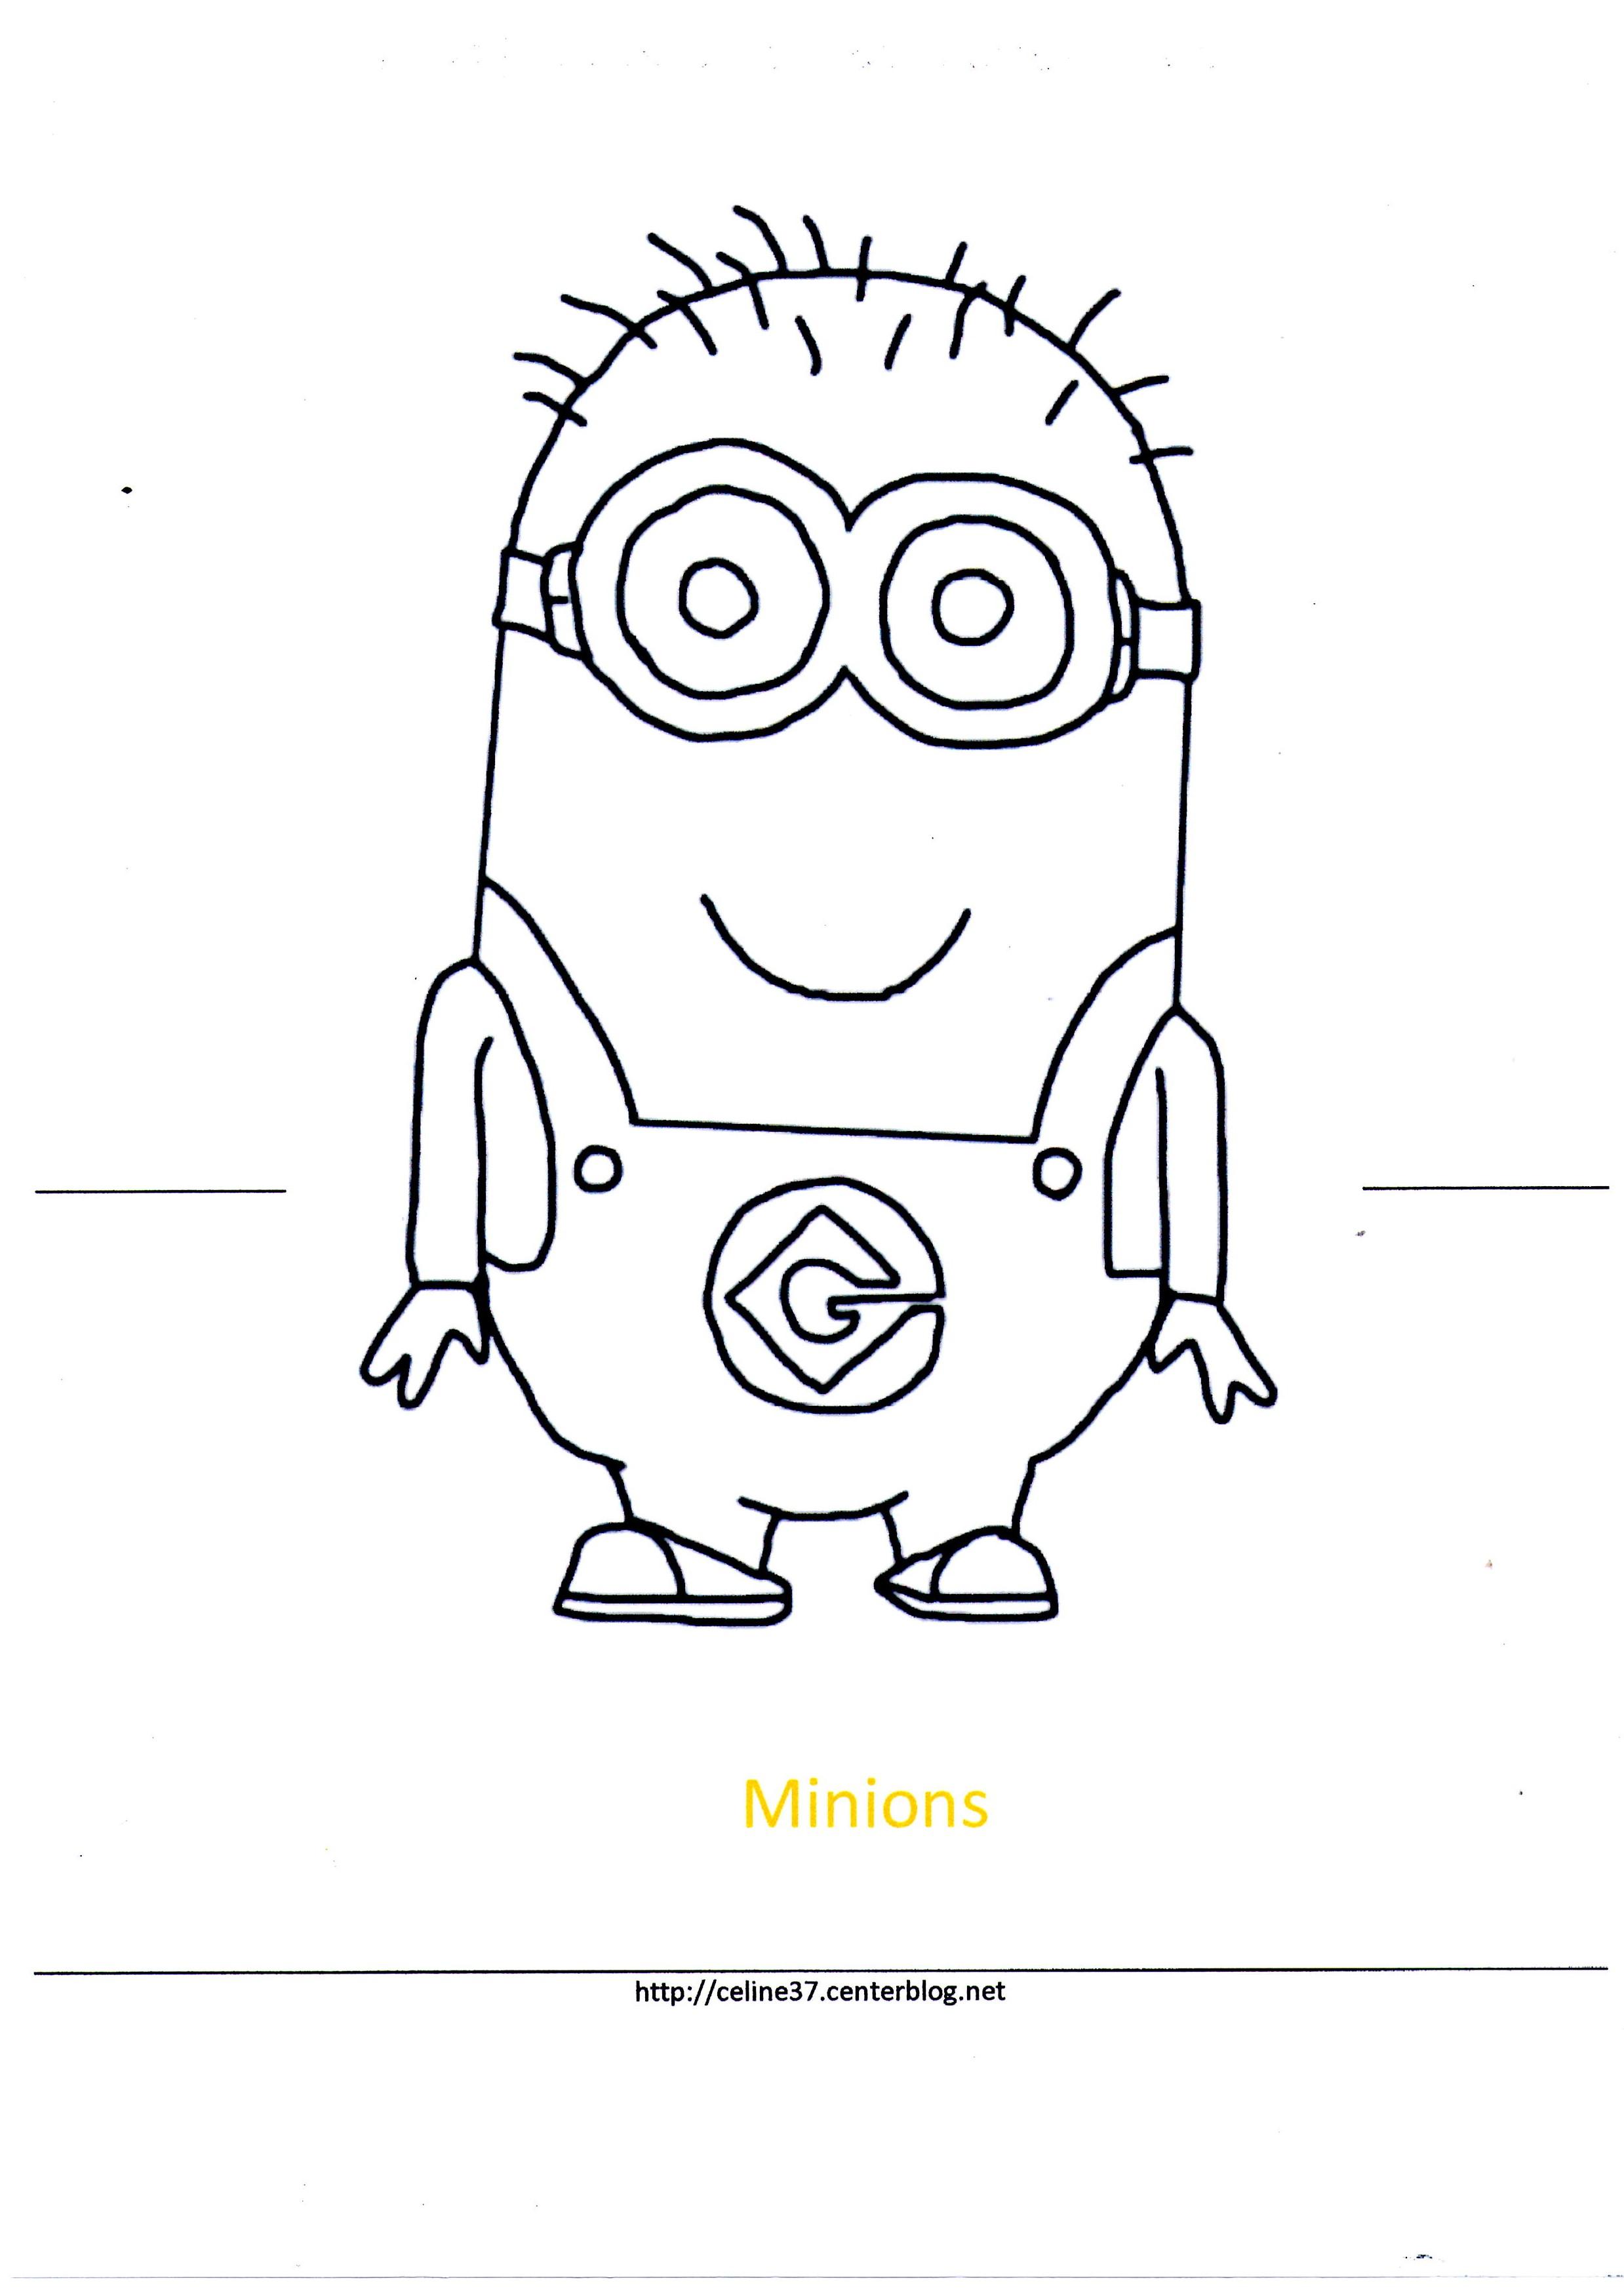 Coloriage les minions gratuit - dessin a imprimer #16